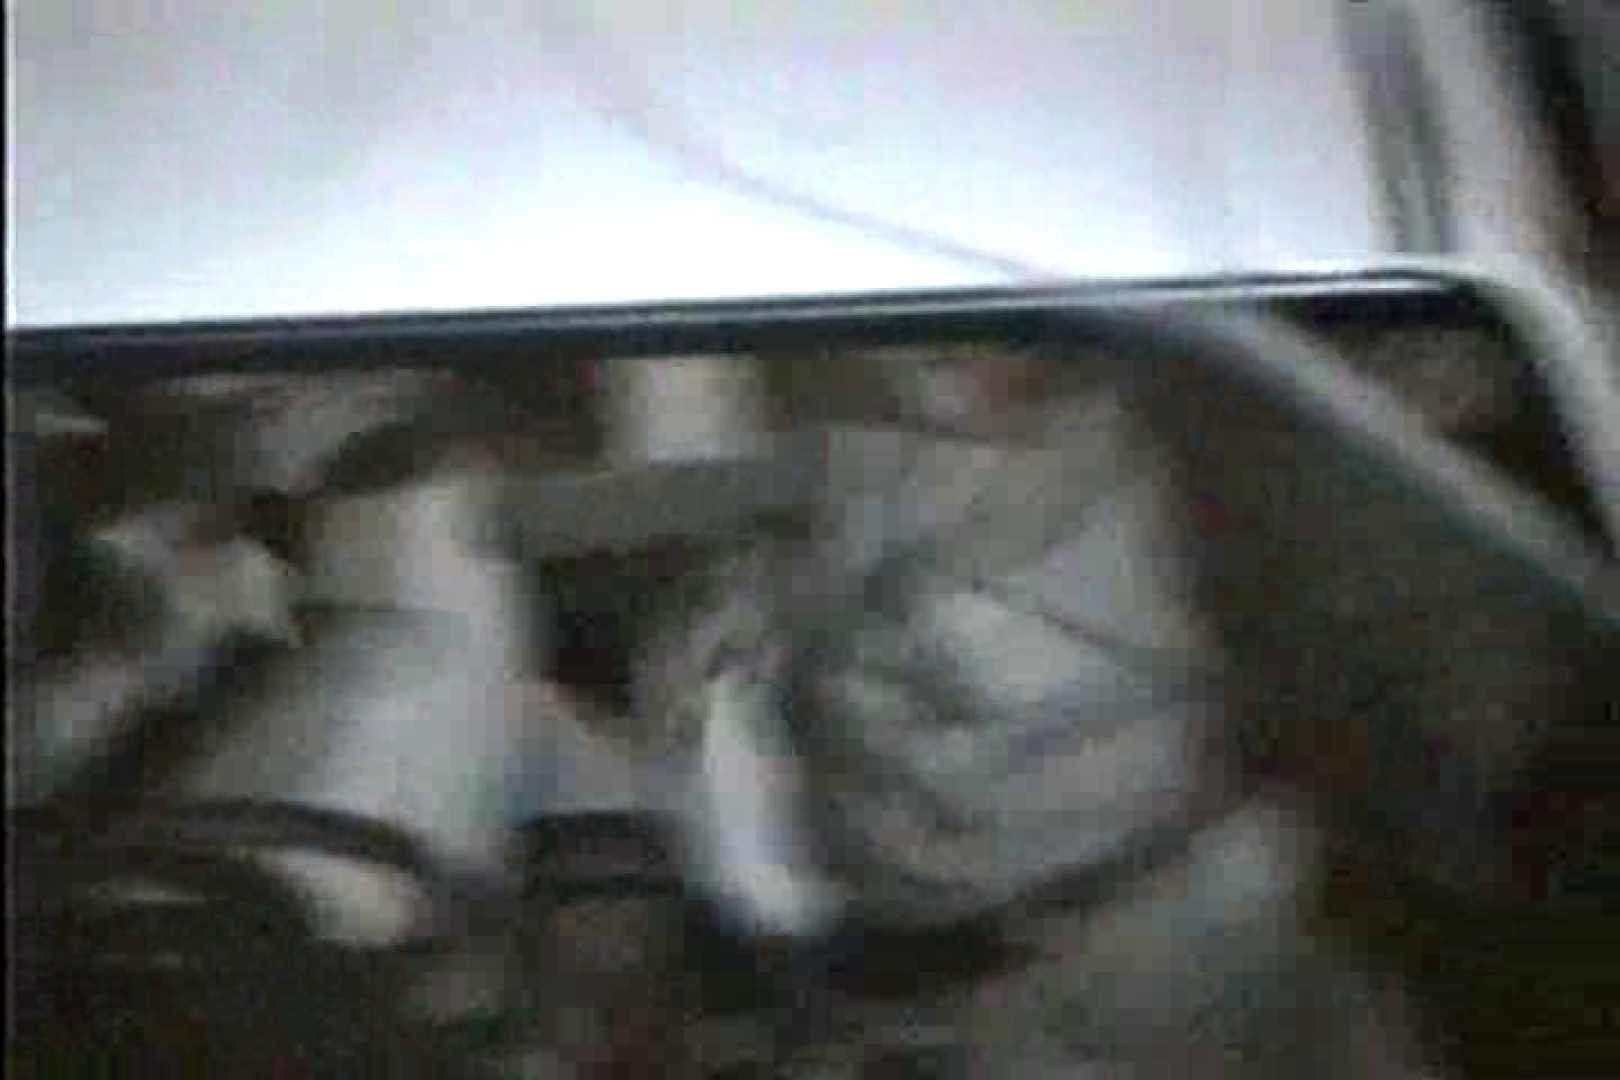 車の中はラブホテル 無修正版  Vol.8 人気シリーズ AV無料動画キャプチャ 102PIX 62